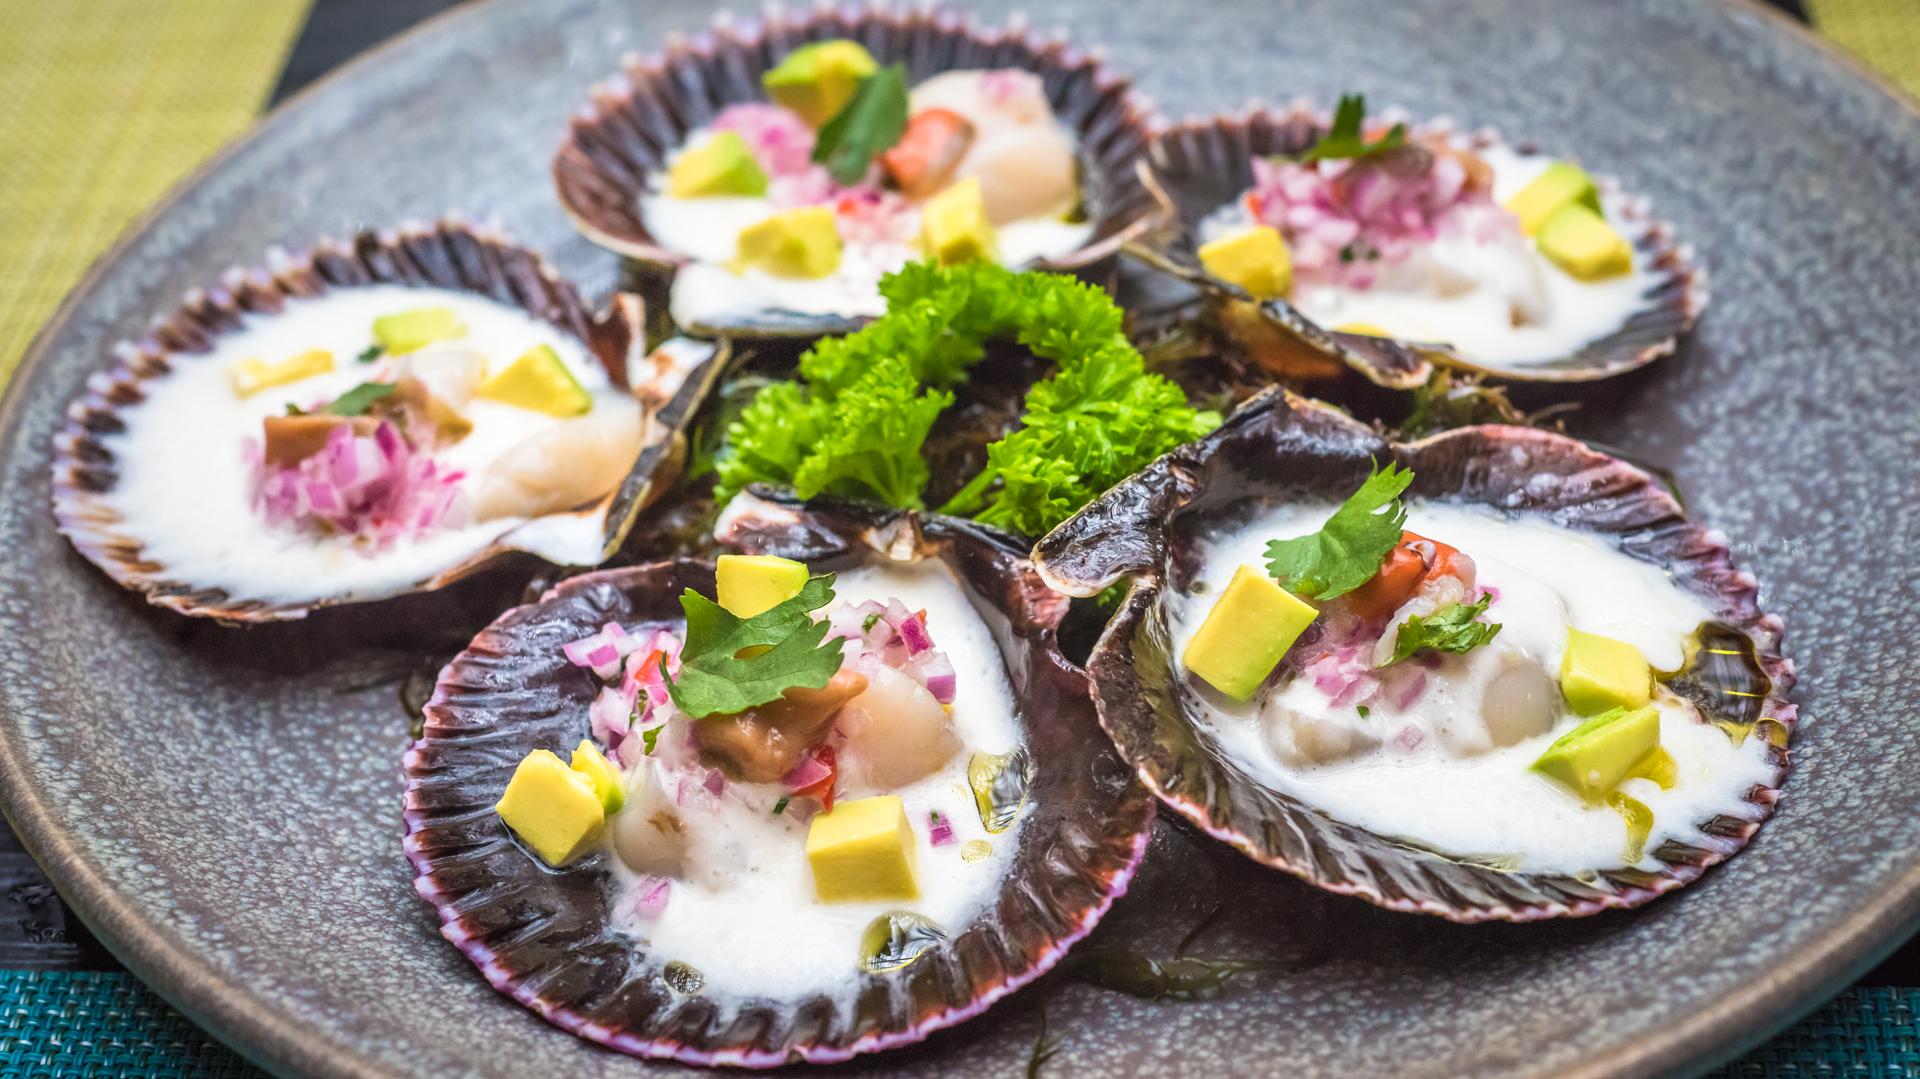 Las exquisiteces culinarias de la cocina peruana recorren el mundo (Getty)